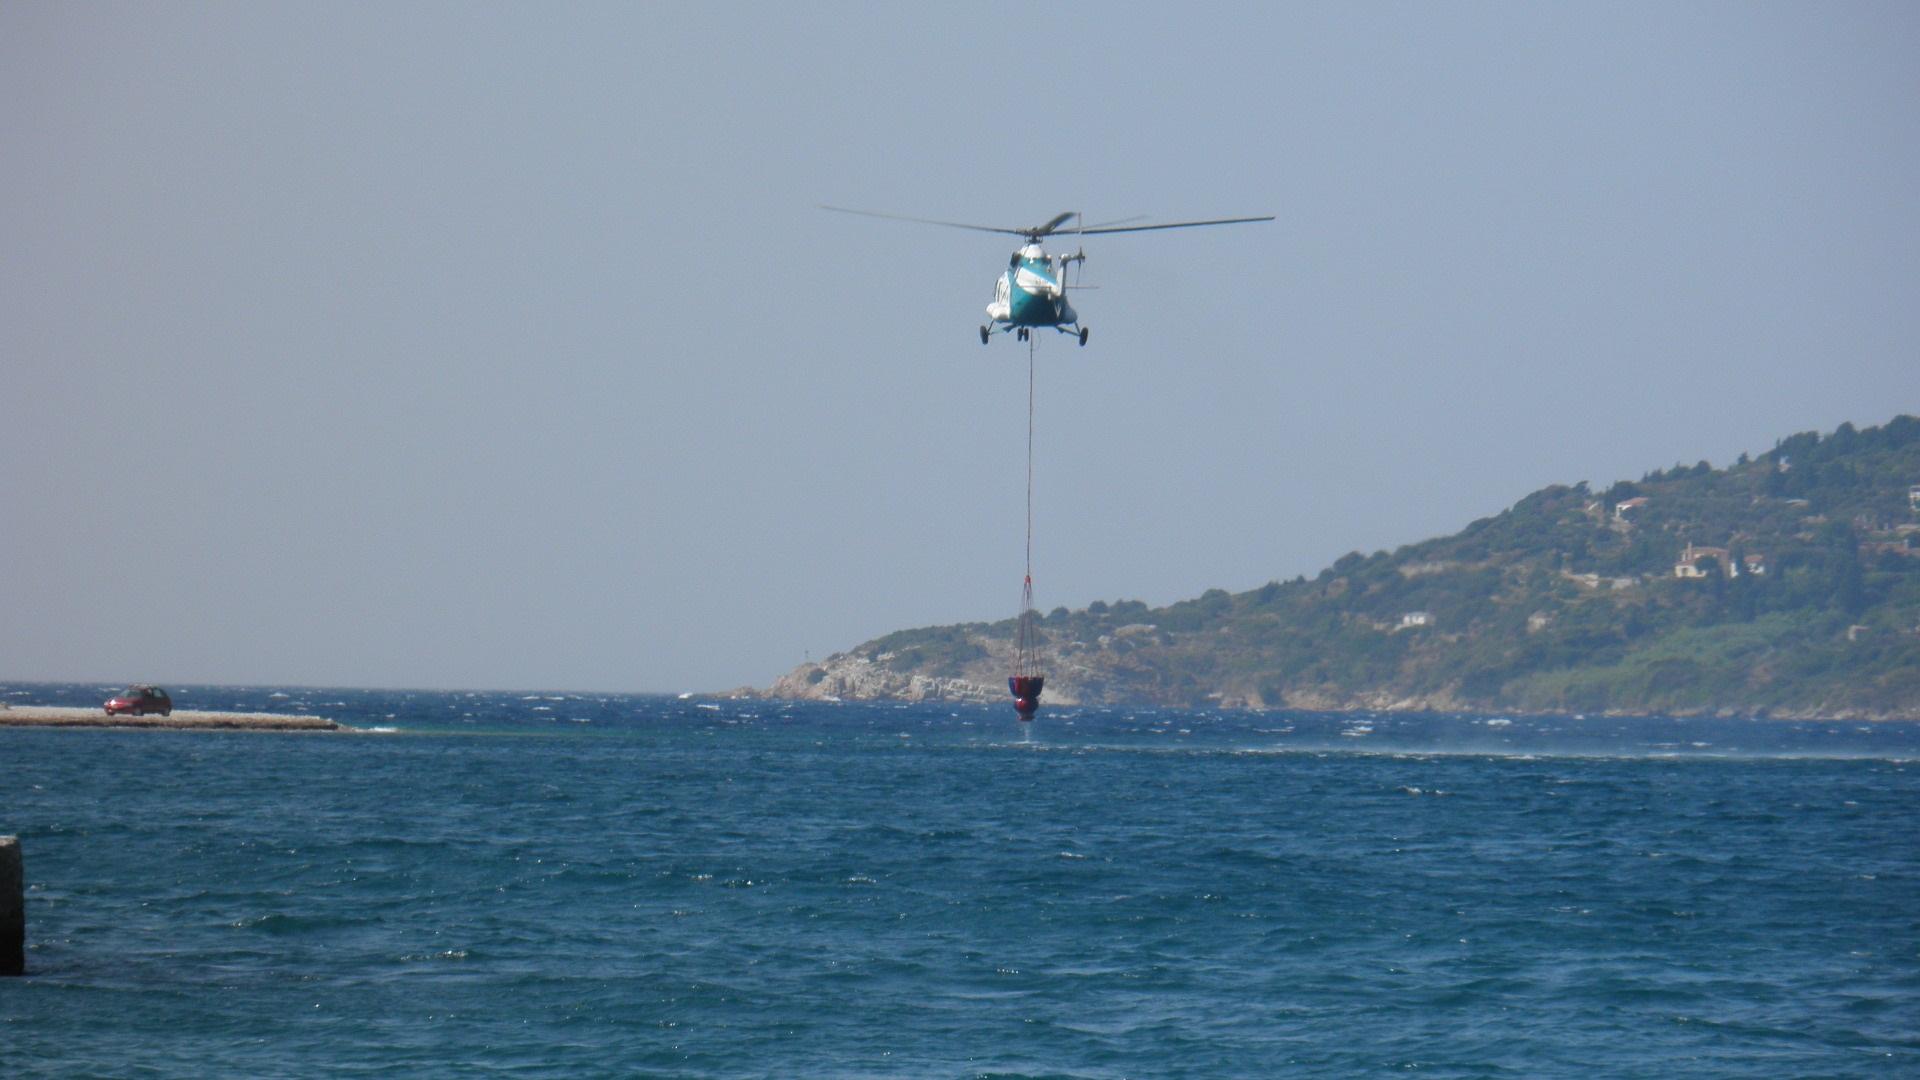 Ελικόπτερο της πυροσβεστικής γεμίζει για να κάνει ρίψη - ΦΩΤΟ από Σαμιακός Τύπος